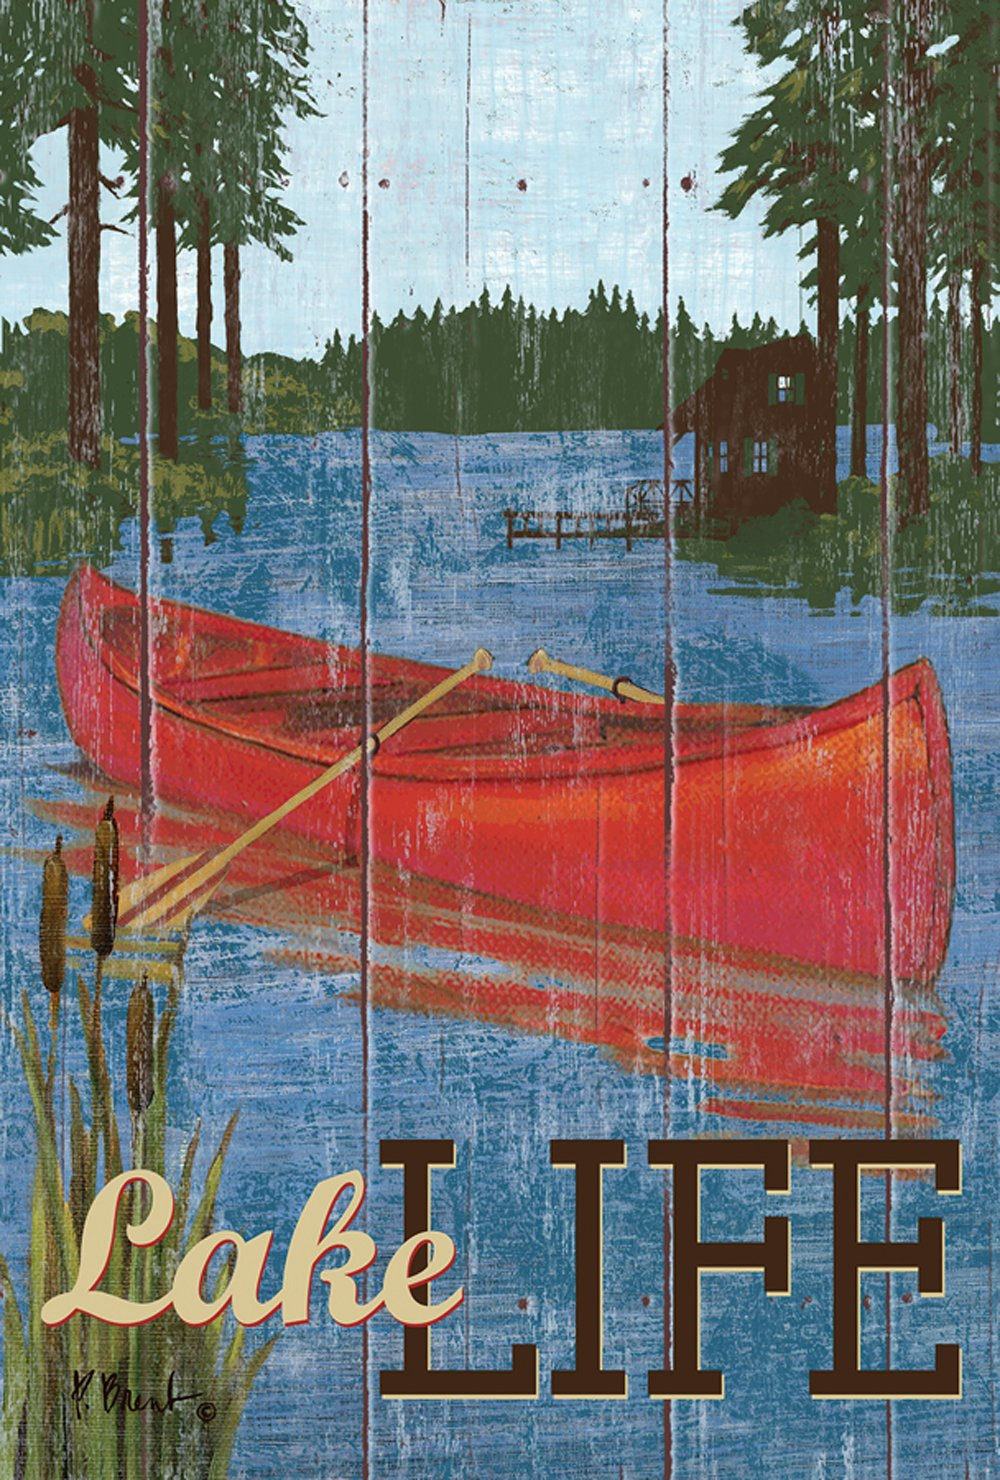 Toland Home Garden Rustic Lake Life 12.5 x 18 Inch Decorative Outdoors Canoe Garden Flag